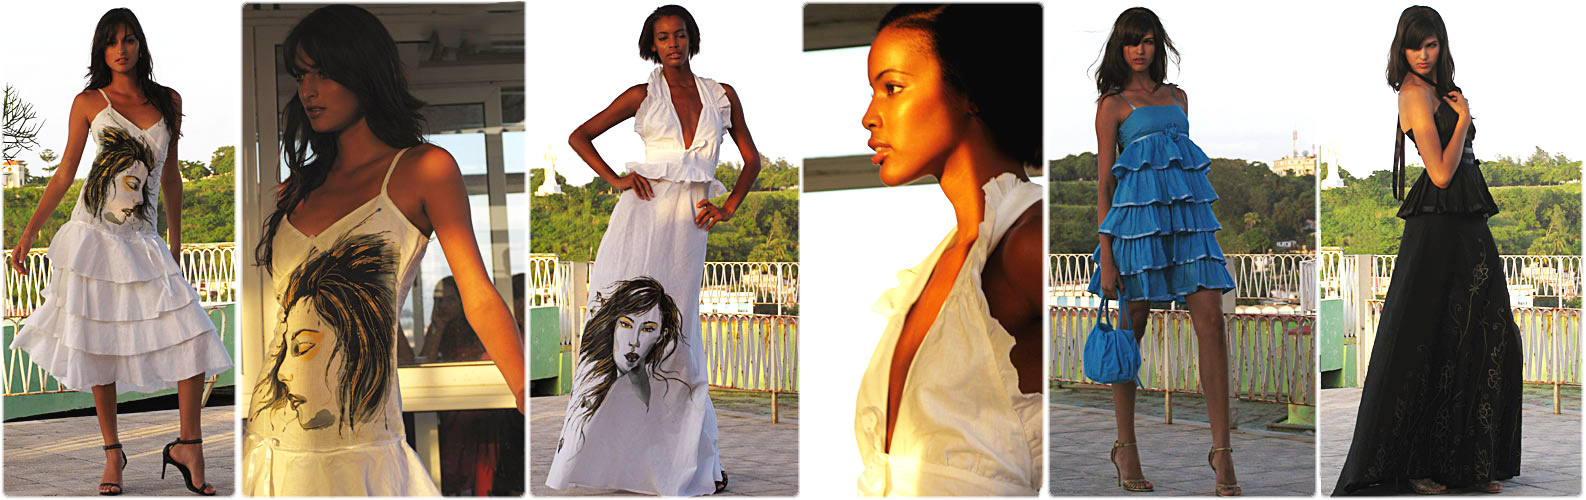 Image result for cuban models